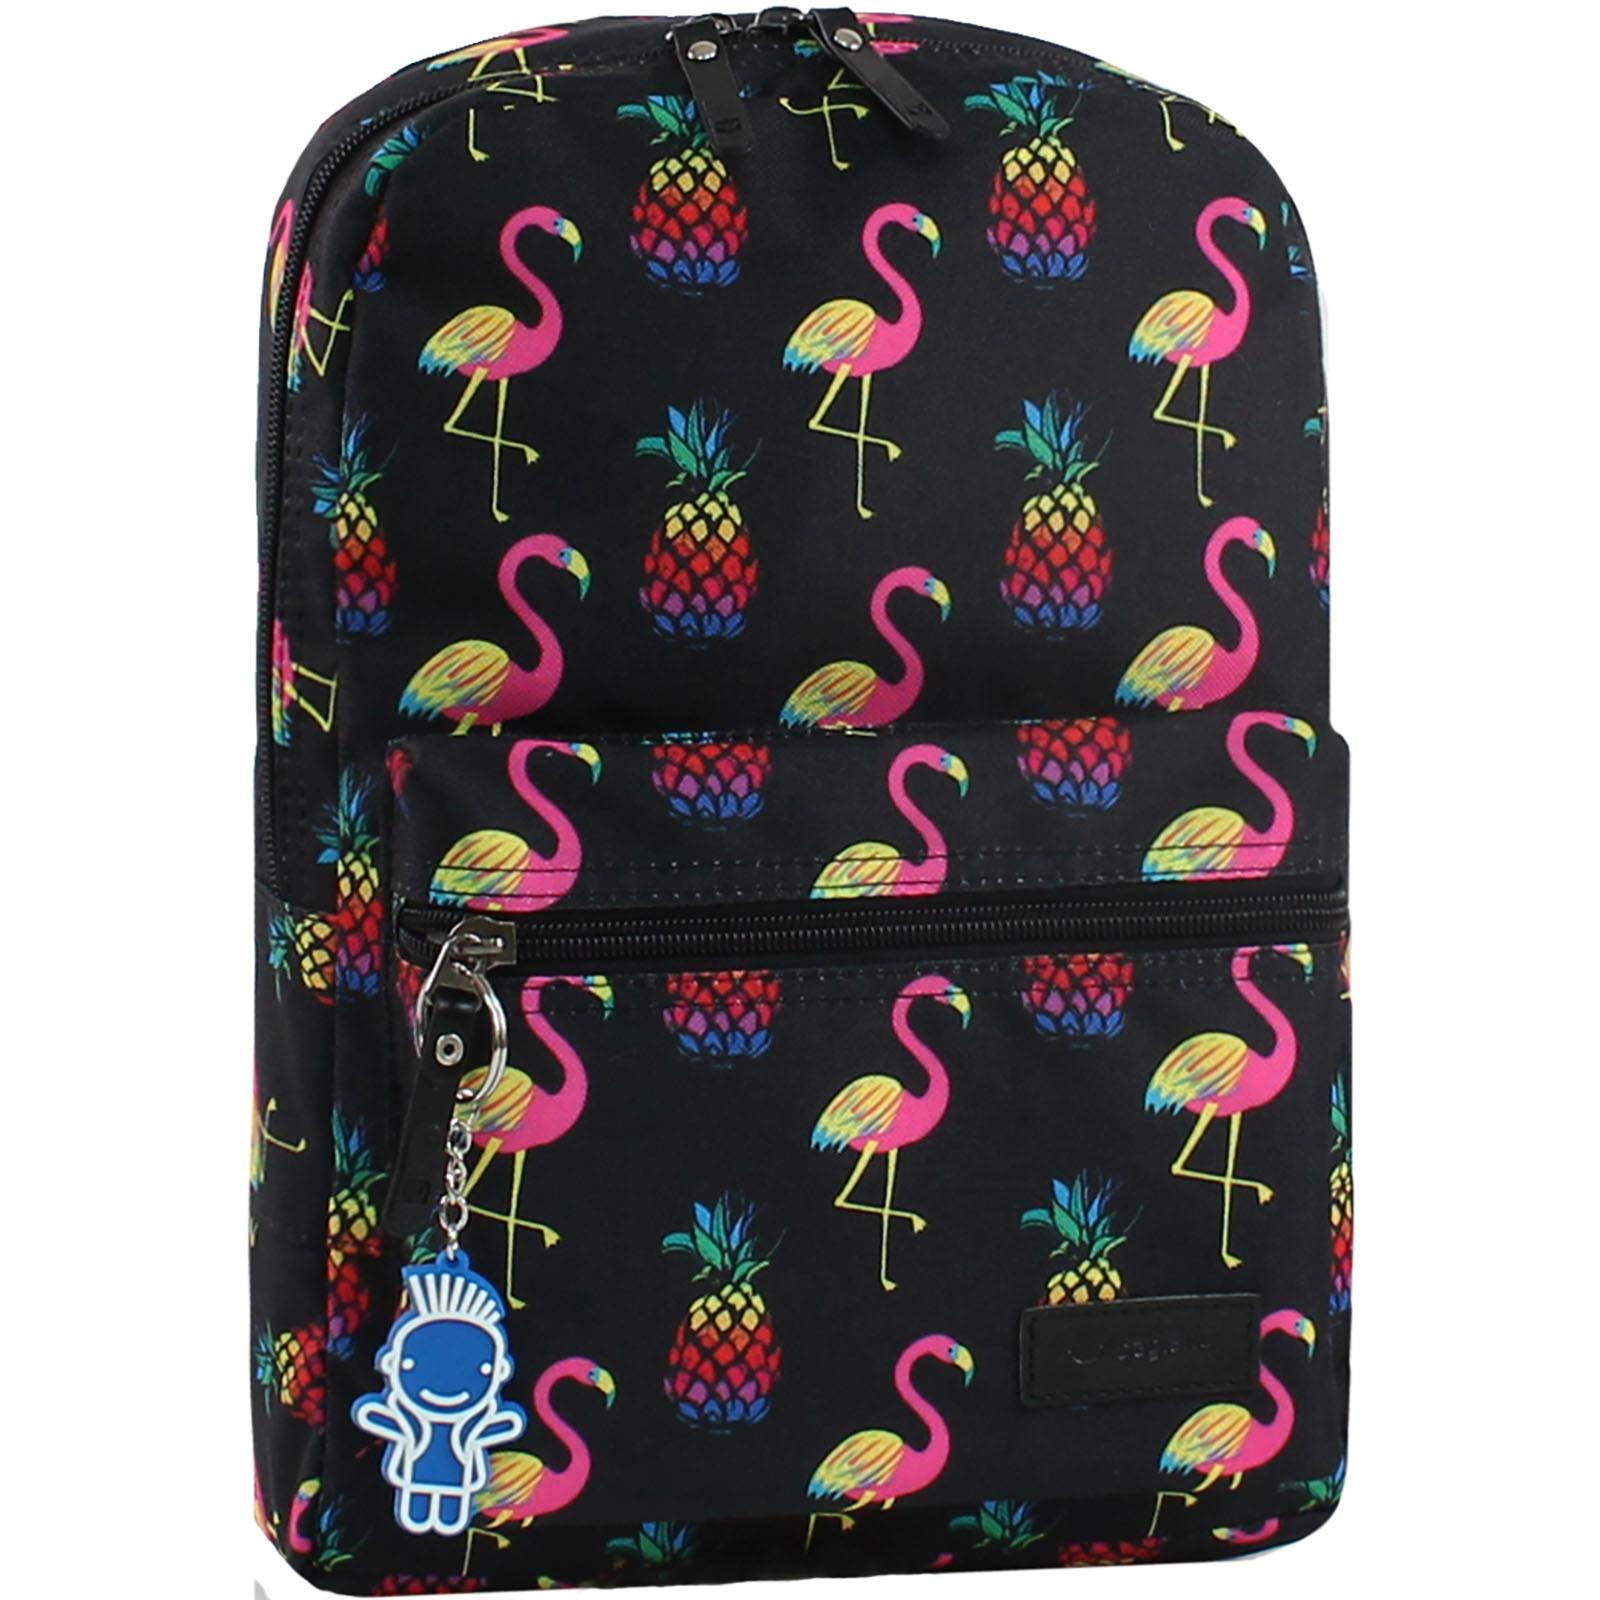 Детские рюкзаки Рюкзак Bagland Молодежный mini 8 л. сублимация 361 (00508664) IMG_7986.JPG